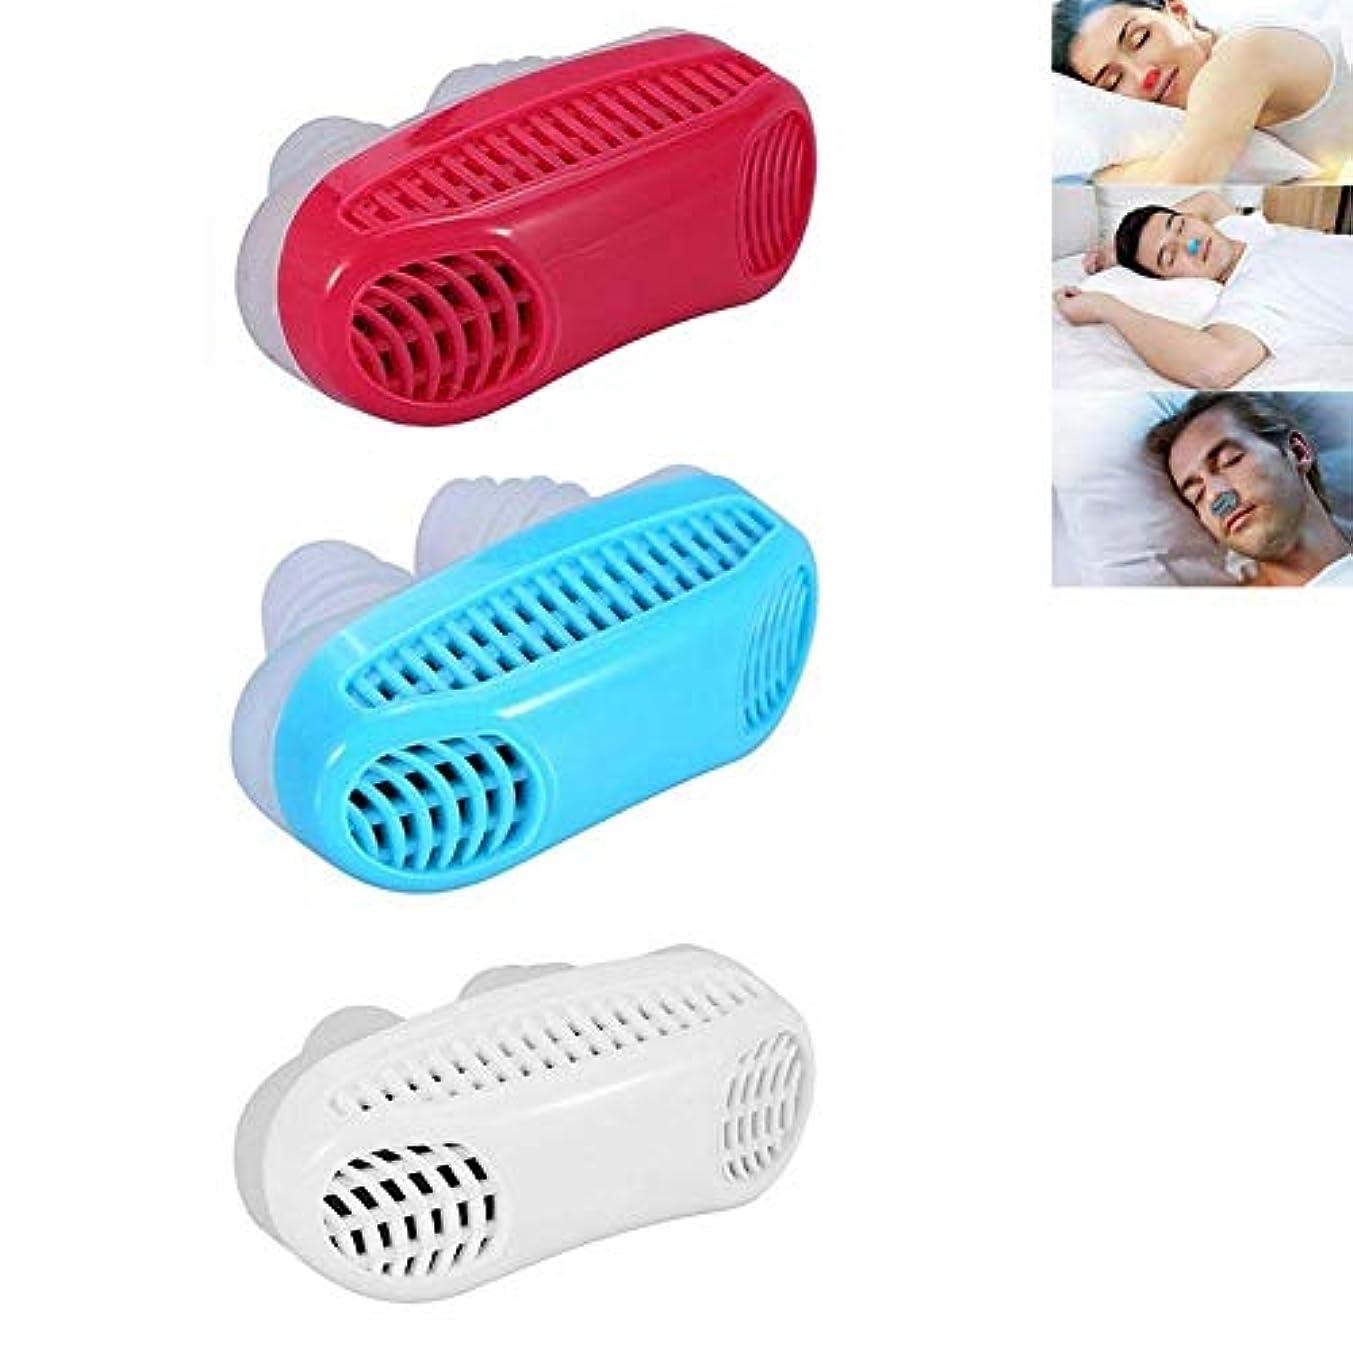 思われるメッシュカビ3ピース安全ないびきエイズポータブルシリコーン抗いびき空気清浄機鼻いびきストップクリップ2-in-1健康睡眠ツール